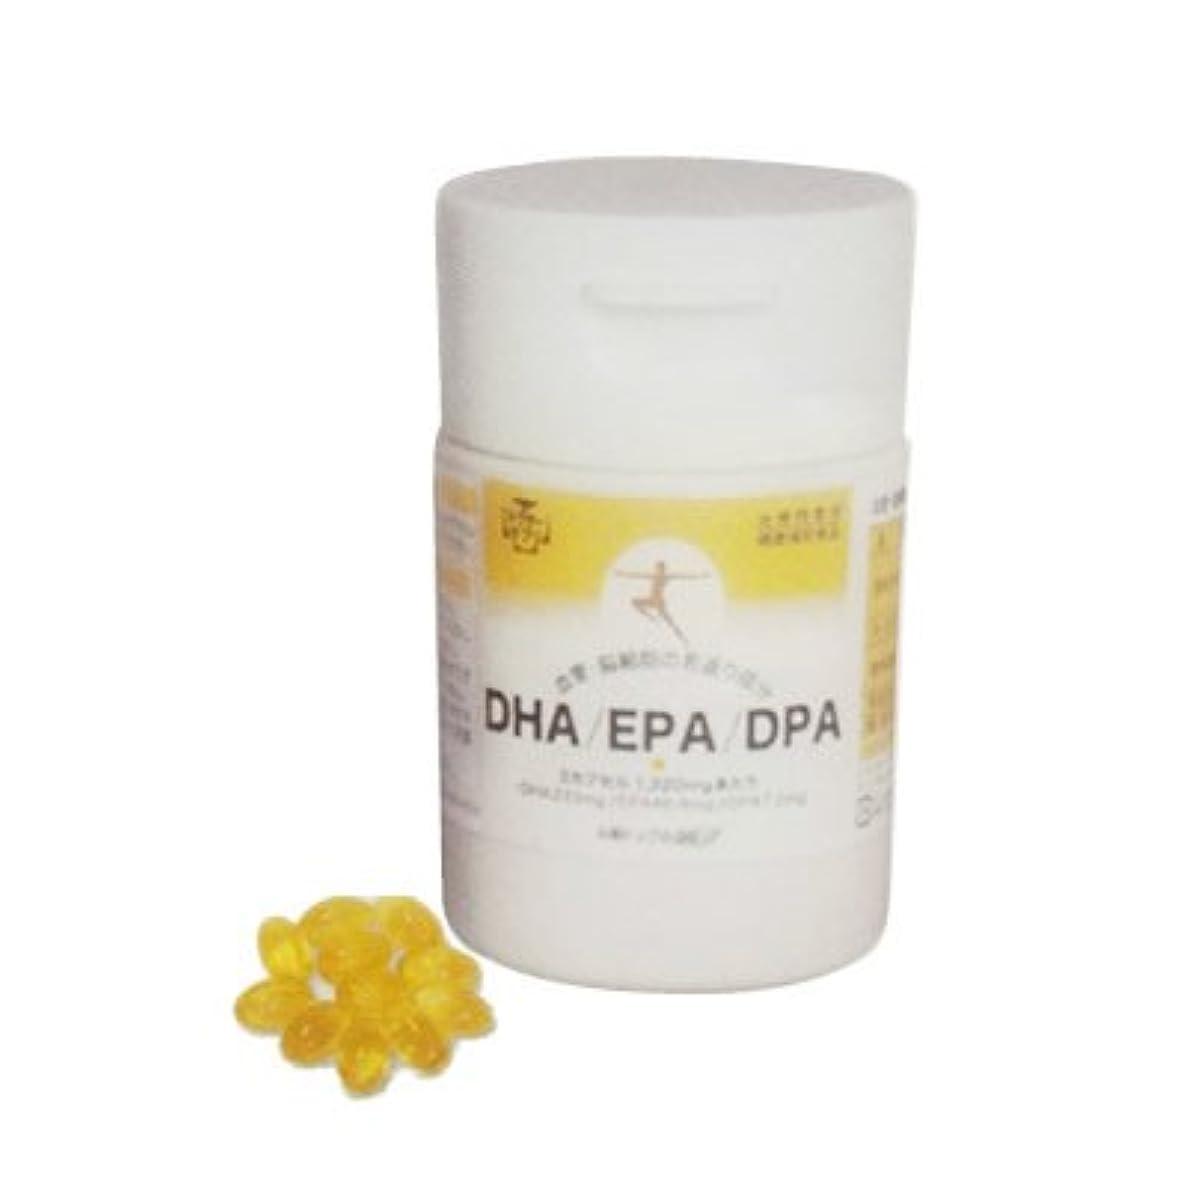 シマウマ家禽自動DHA/EPA/DPA 400mg×90カプセル(ドクターサプリ/健康補助食品シリーズ)